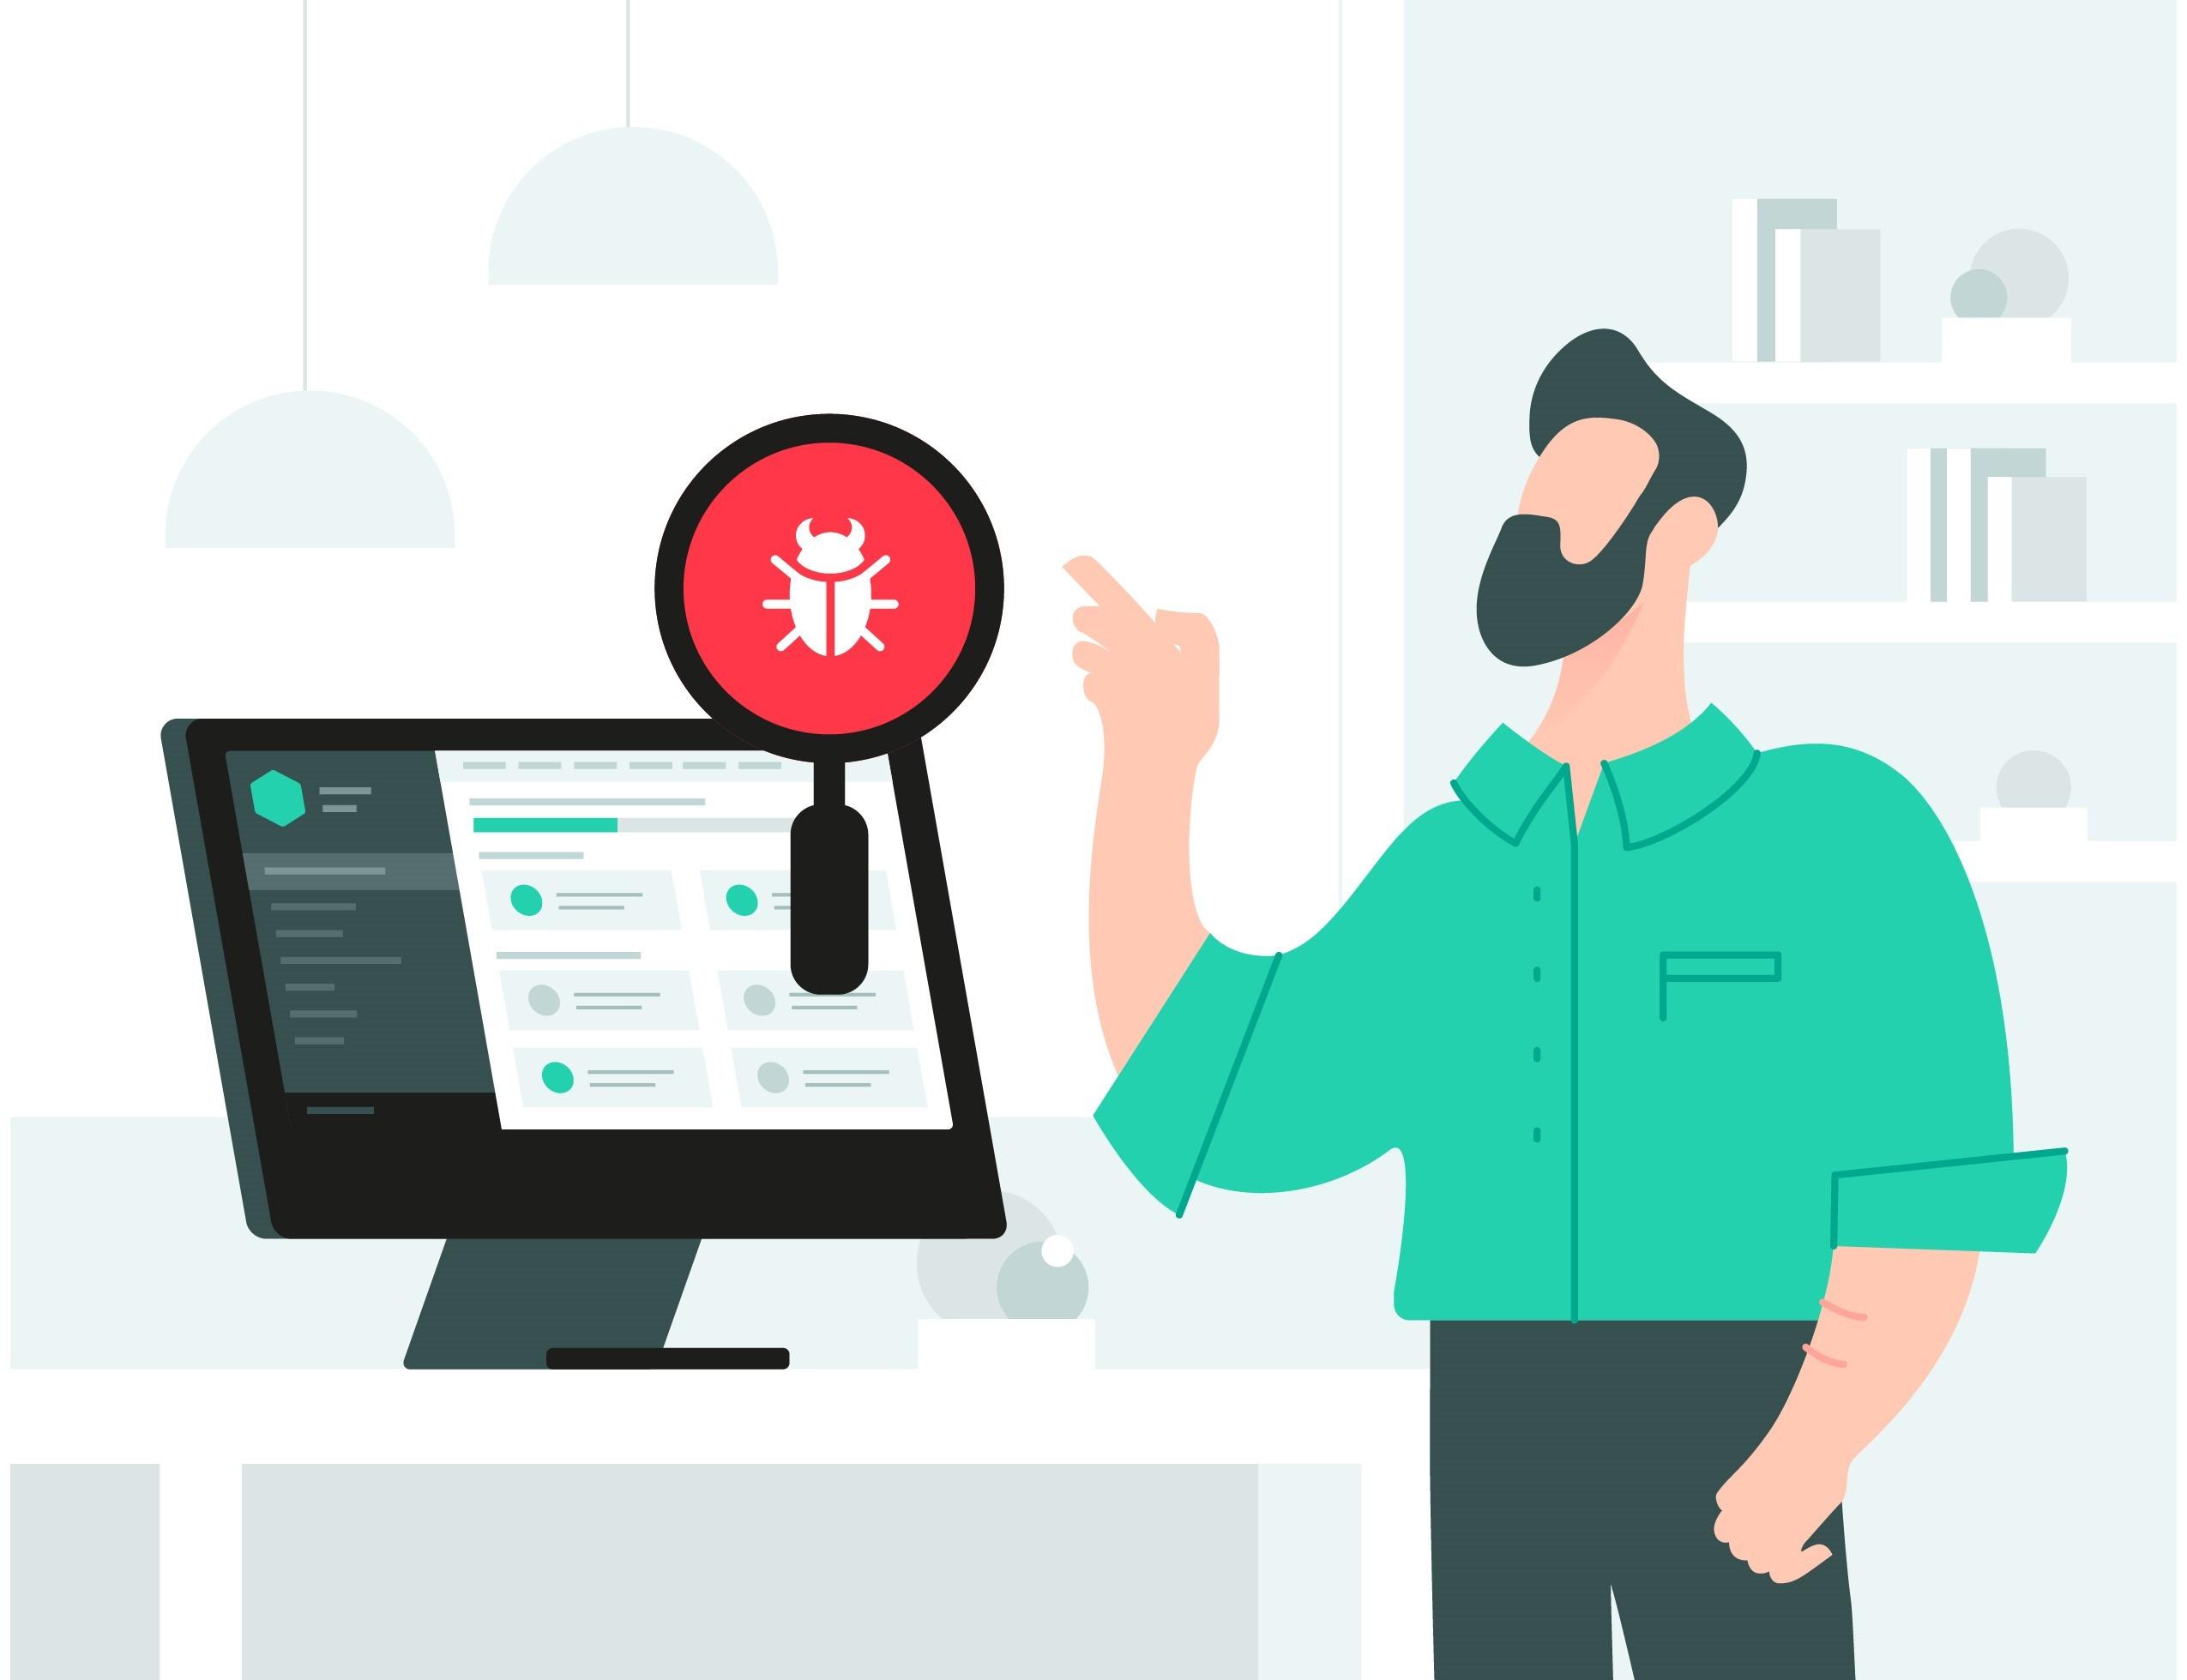 Attenzione alle fughe di dati: perché la protezione delle informazioni è vitale per le piccole aziende